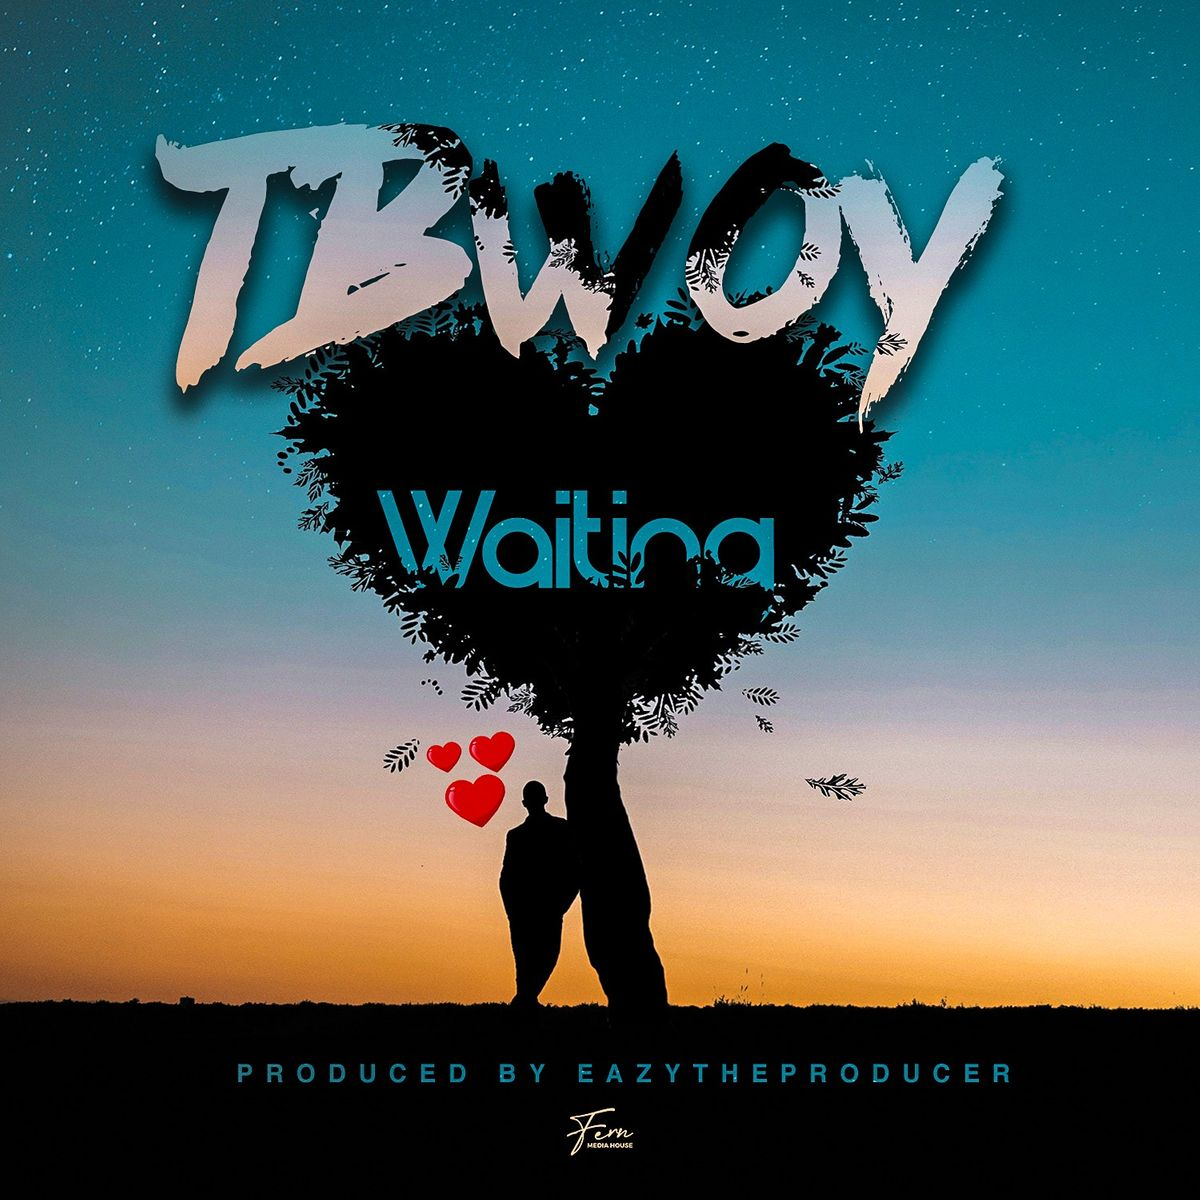 Tbwoy - Waiting